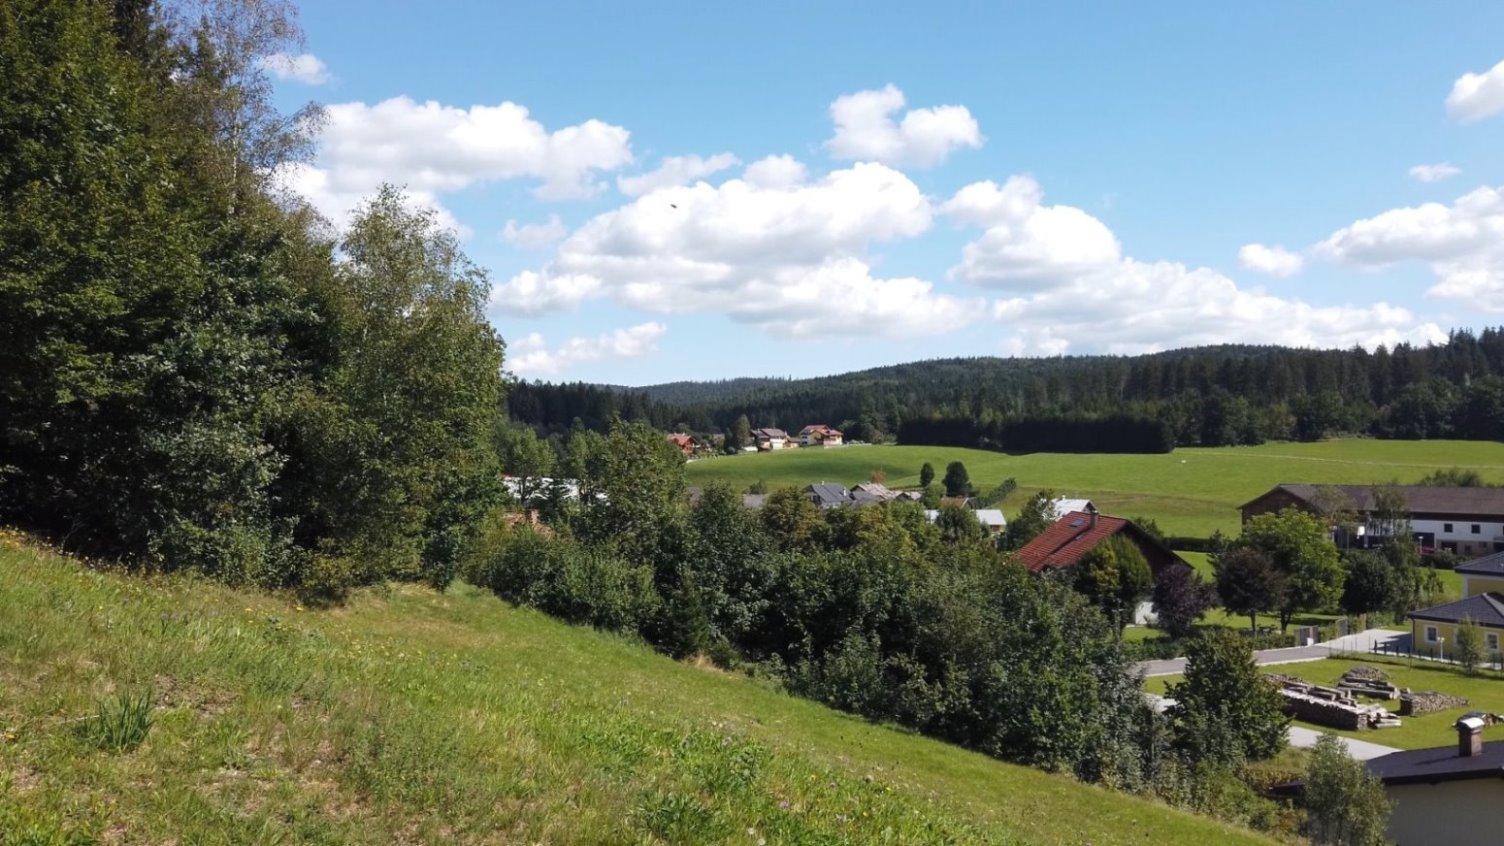 """Im Norwesten - Blickrichtung Ortsteil """"Alte Hütte"""""""